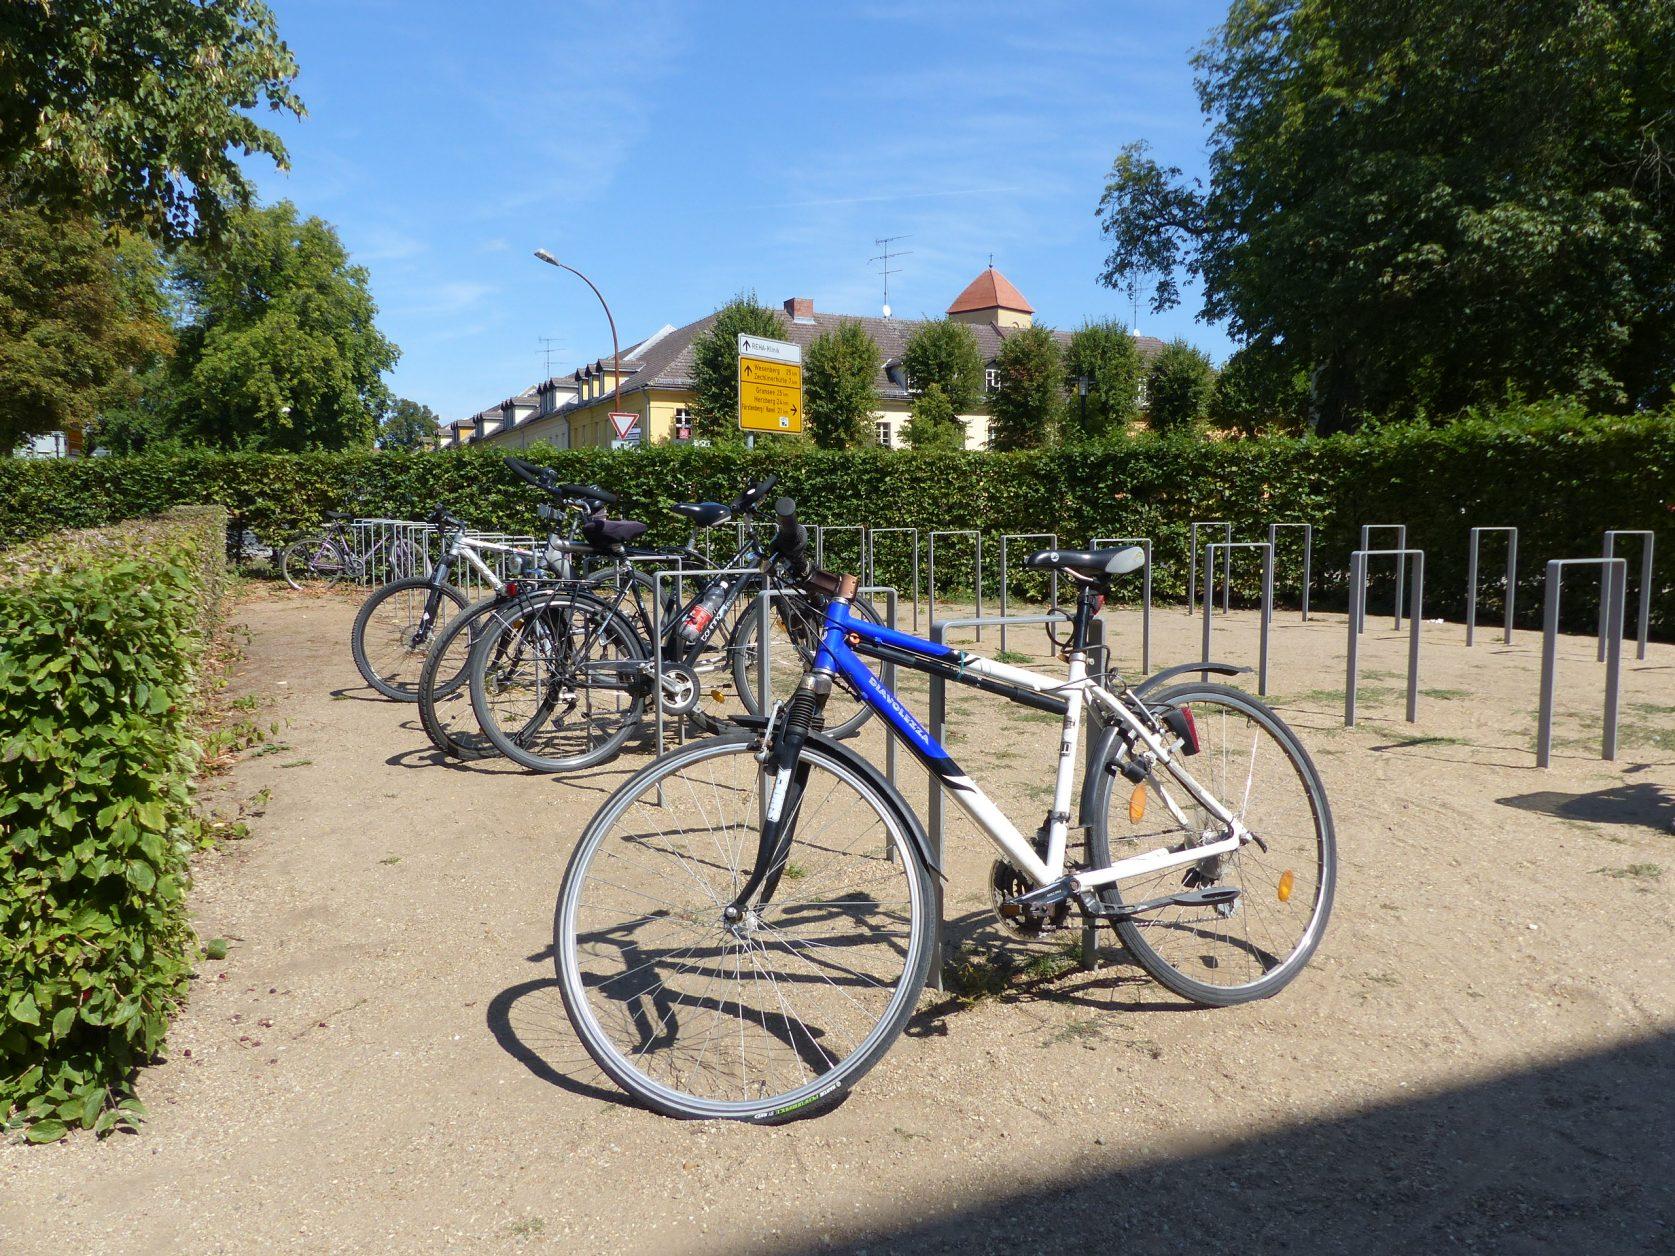 Vorbildliche Fahrradabstellanlage am Marstall in Rheinsberg, Foto: Weirauch